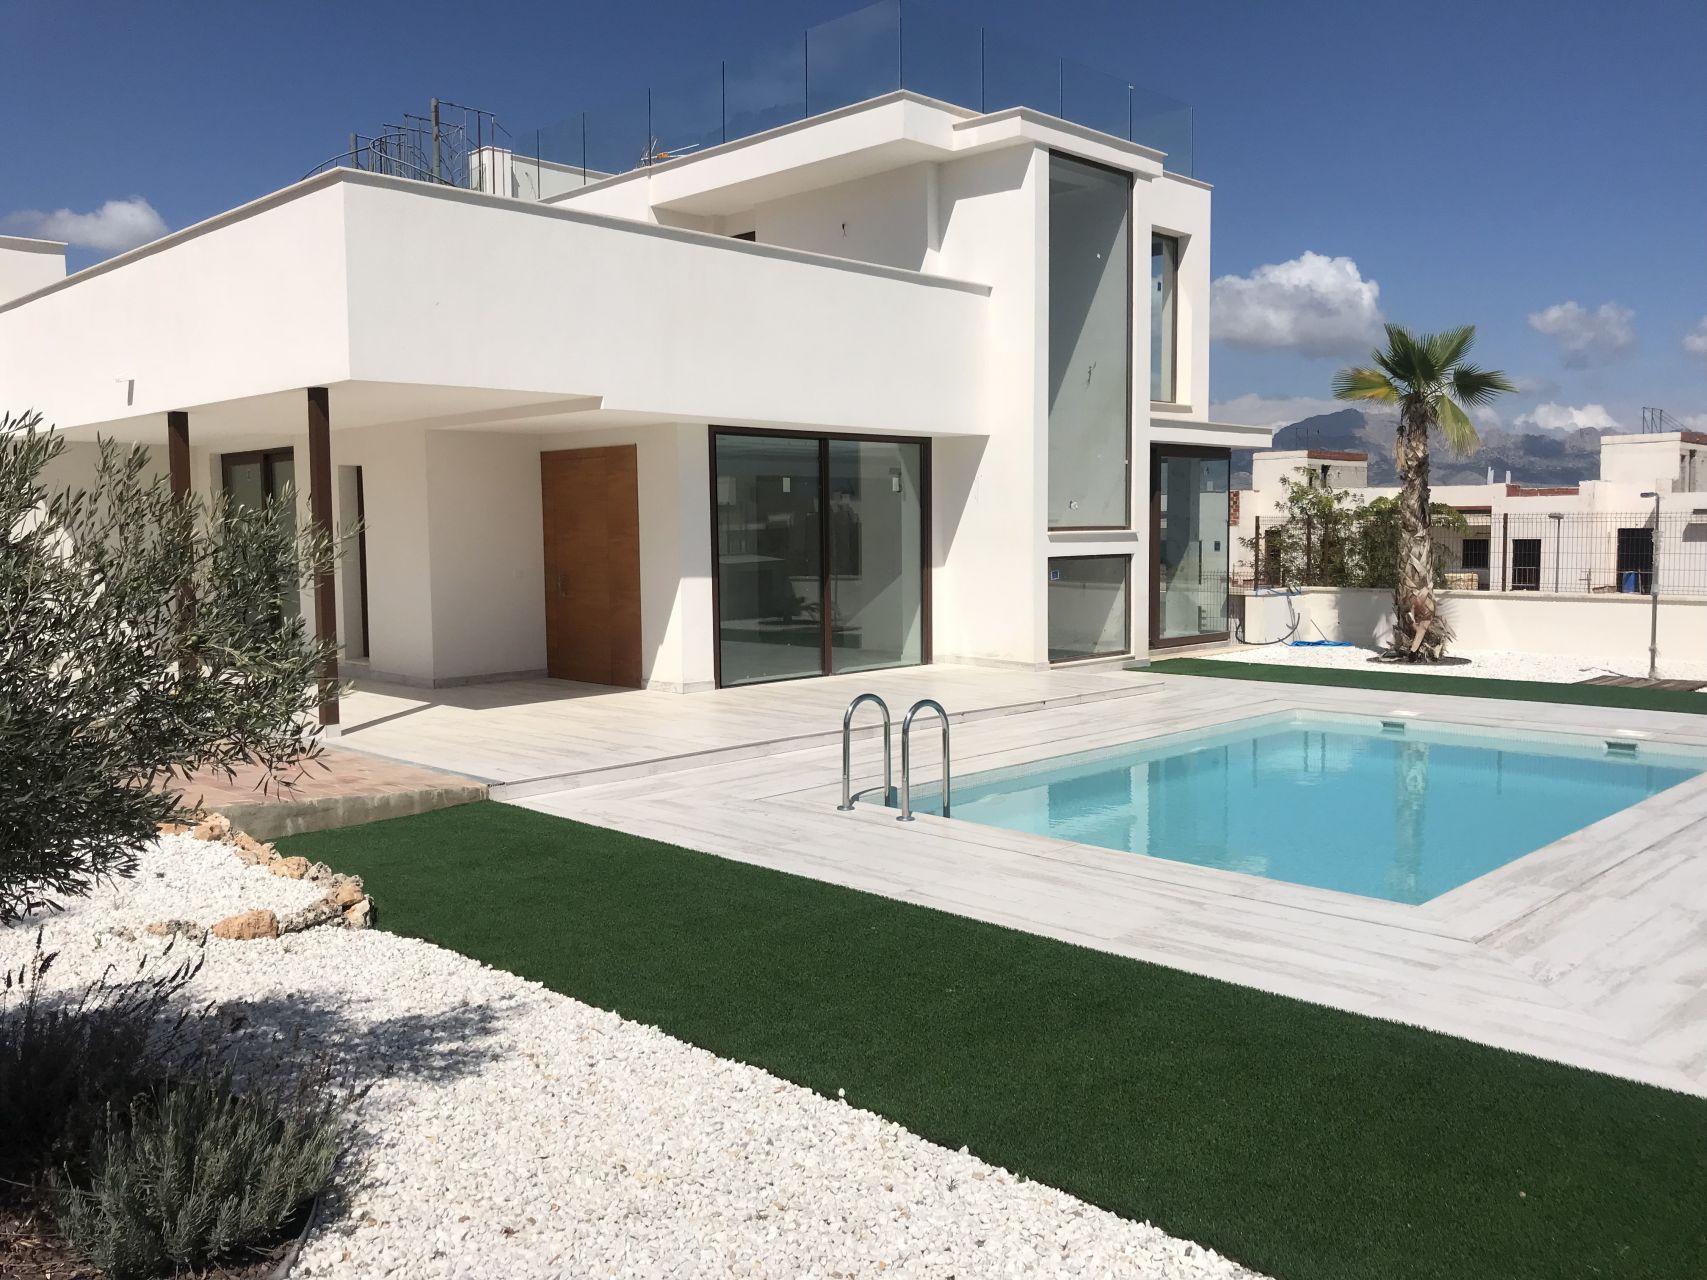 Villas in Polop 1